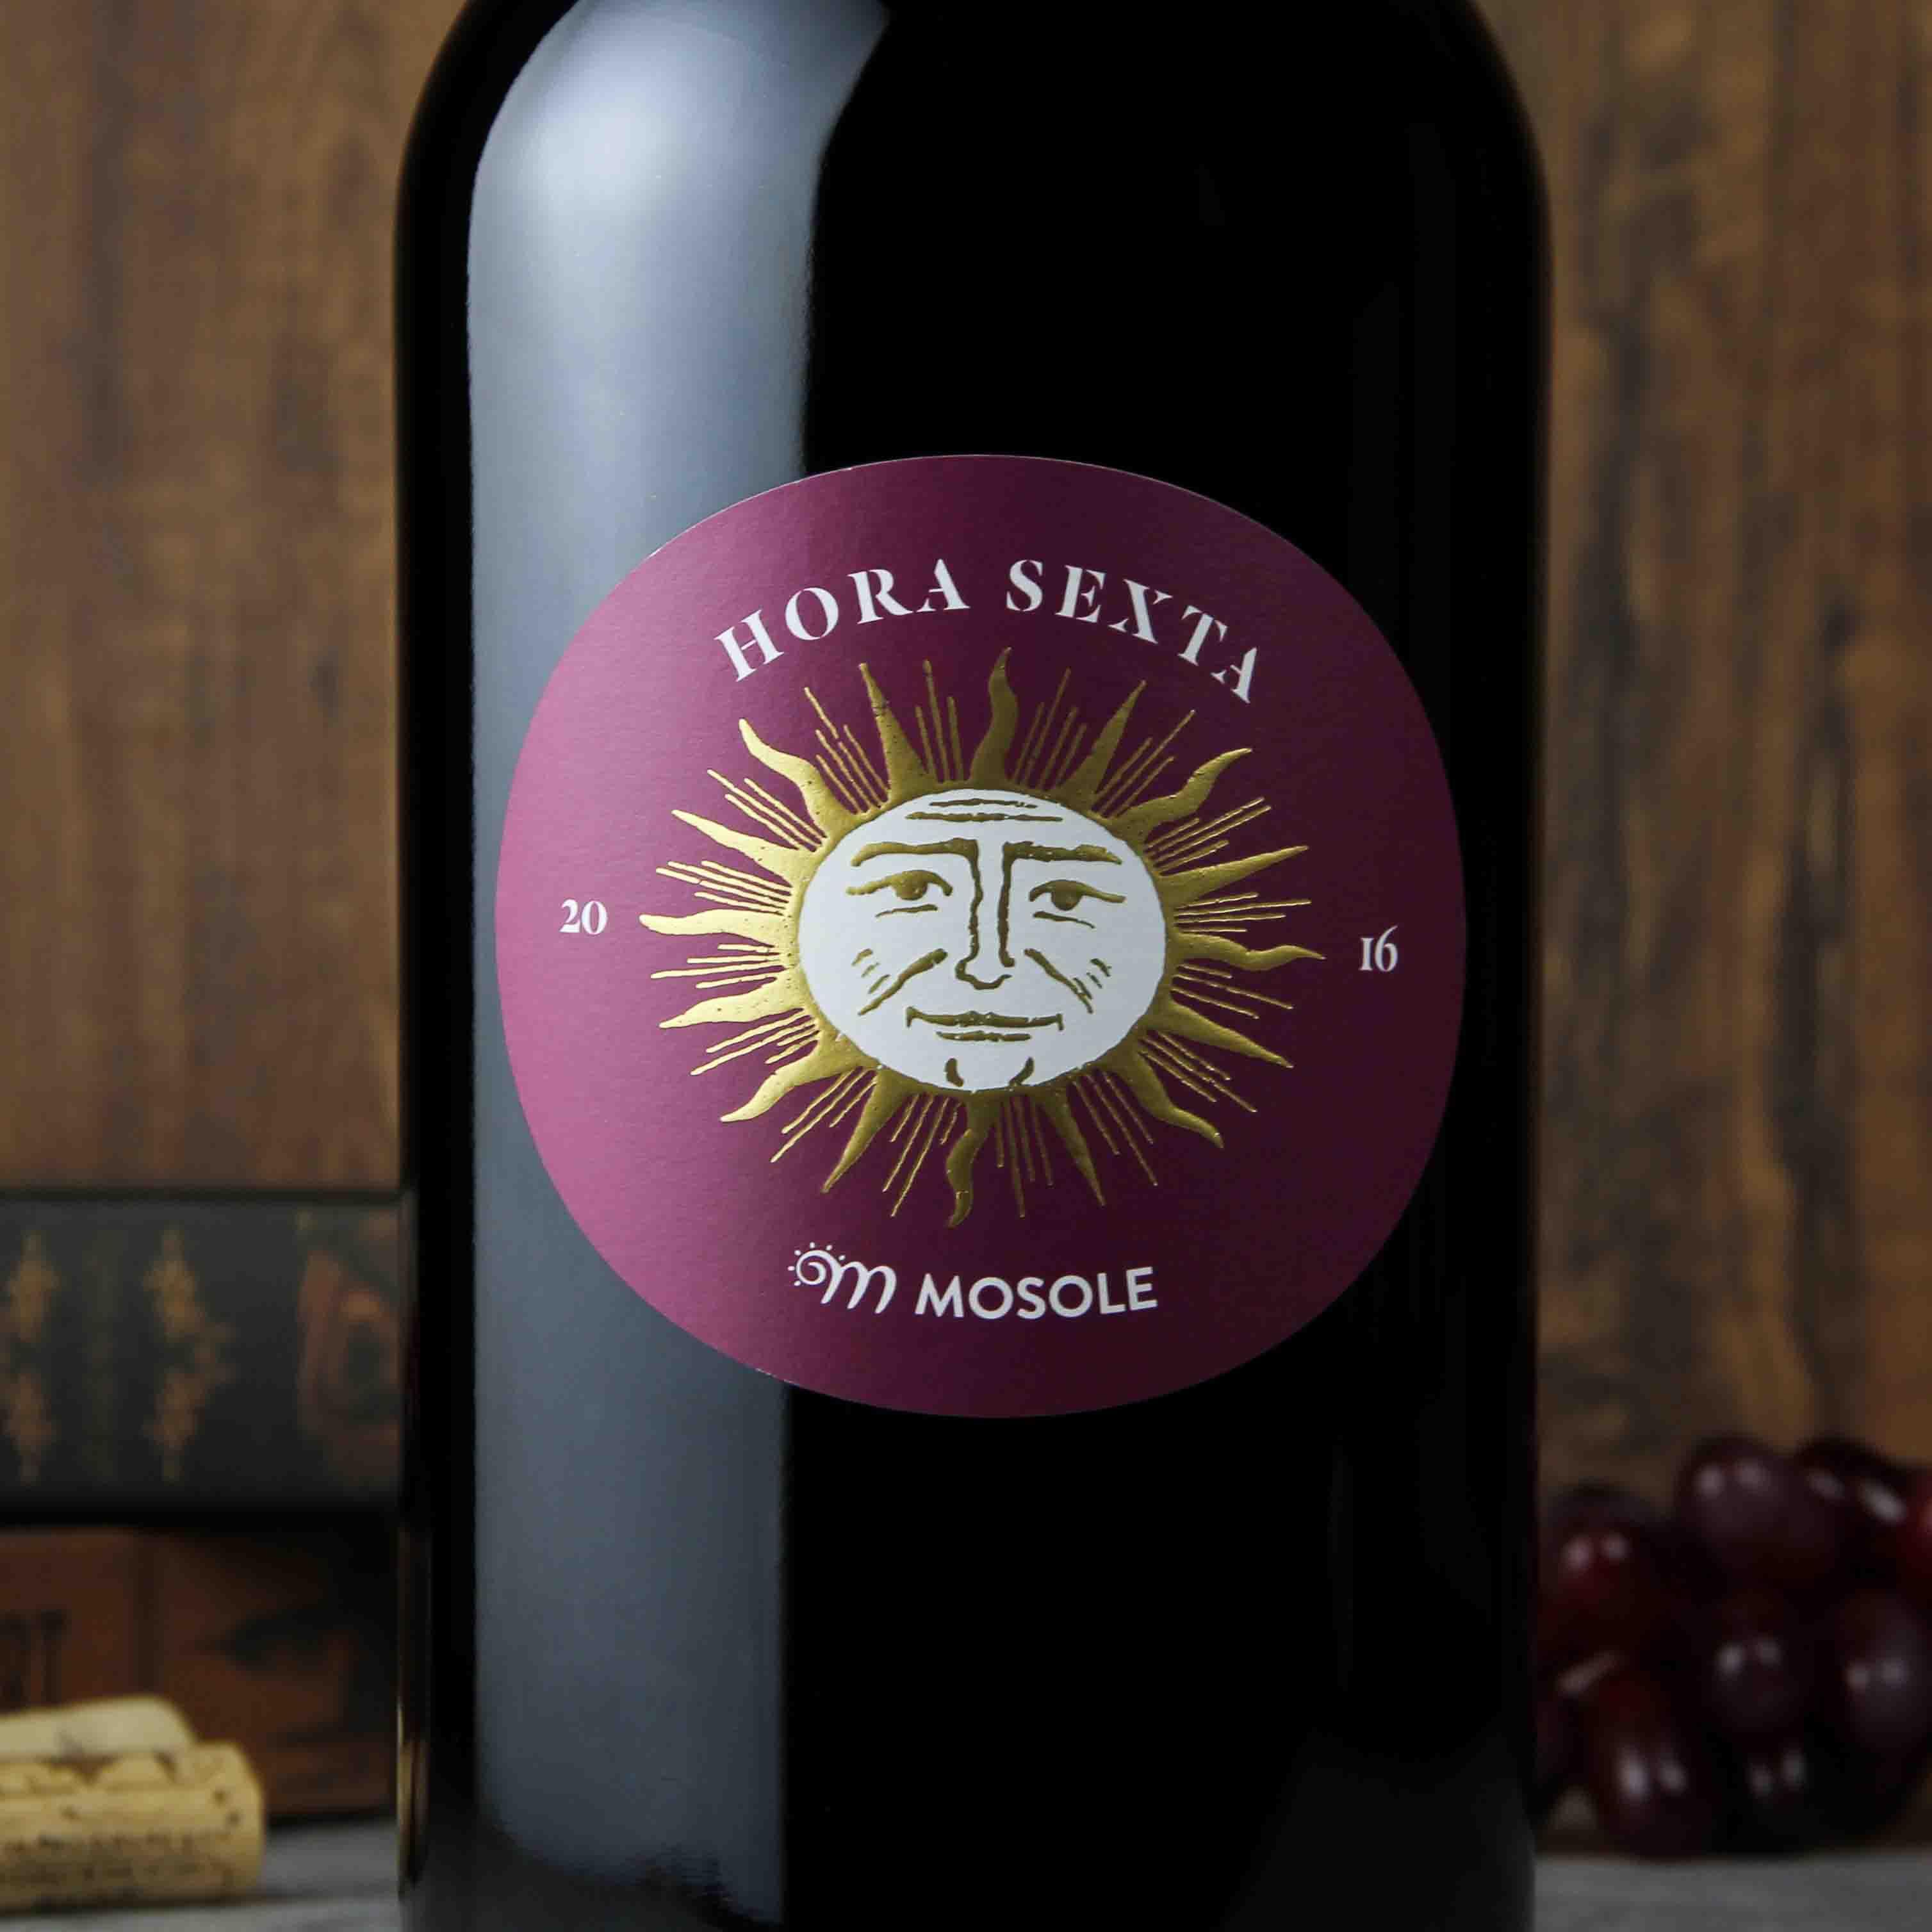 意大利威尼托塞塔干红葡萄酒